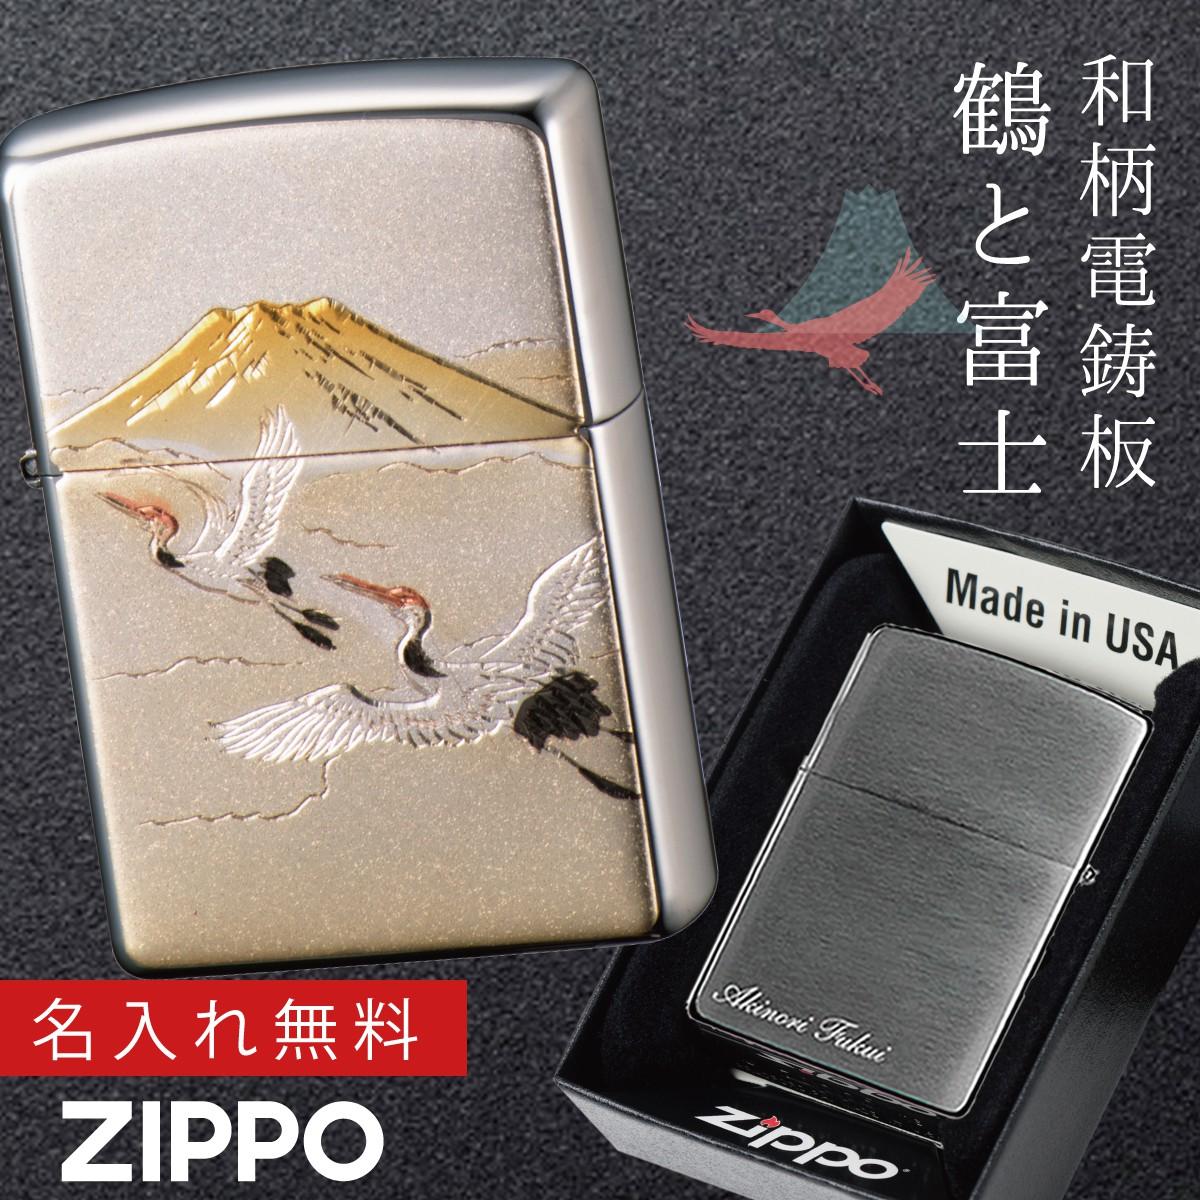 zippo 名入れ ジッポー ライター 和柄 日本のお土産 ZP 電鋳板 鶴富士 名入れ ギフト ギフト プレゼント 贈り物 返品不可 彫刻 無料 名前 名入れ メッセージ オイルライター ジッポライター 彼氏 男性 メンズ 喫煙具